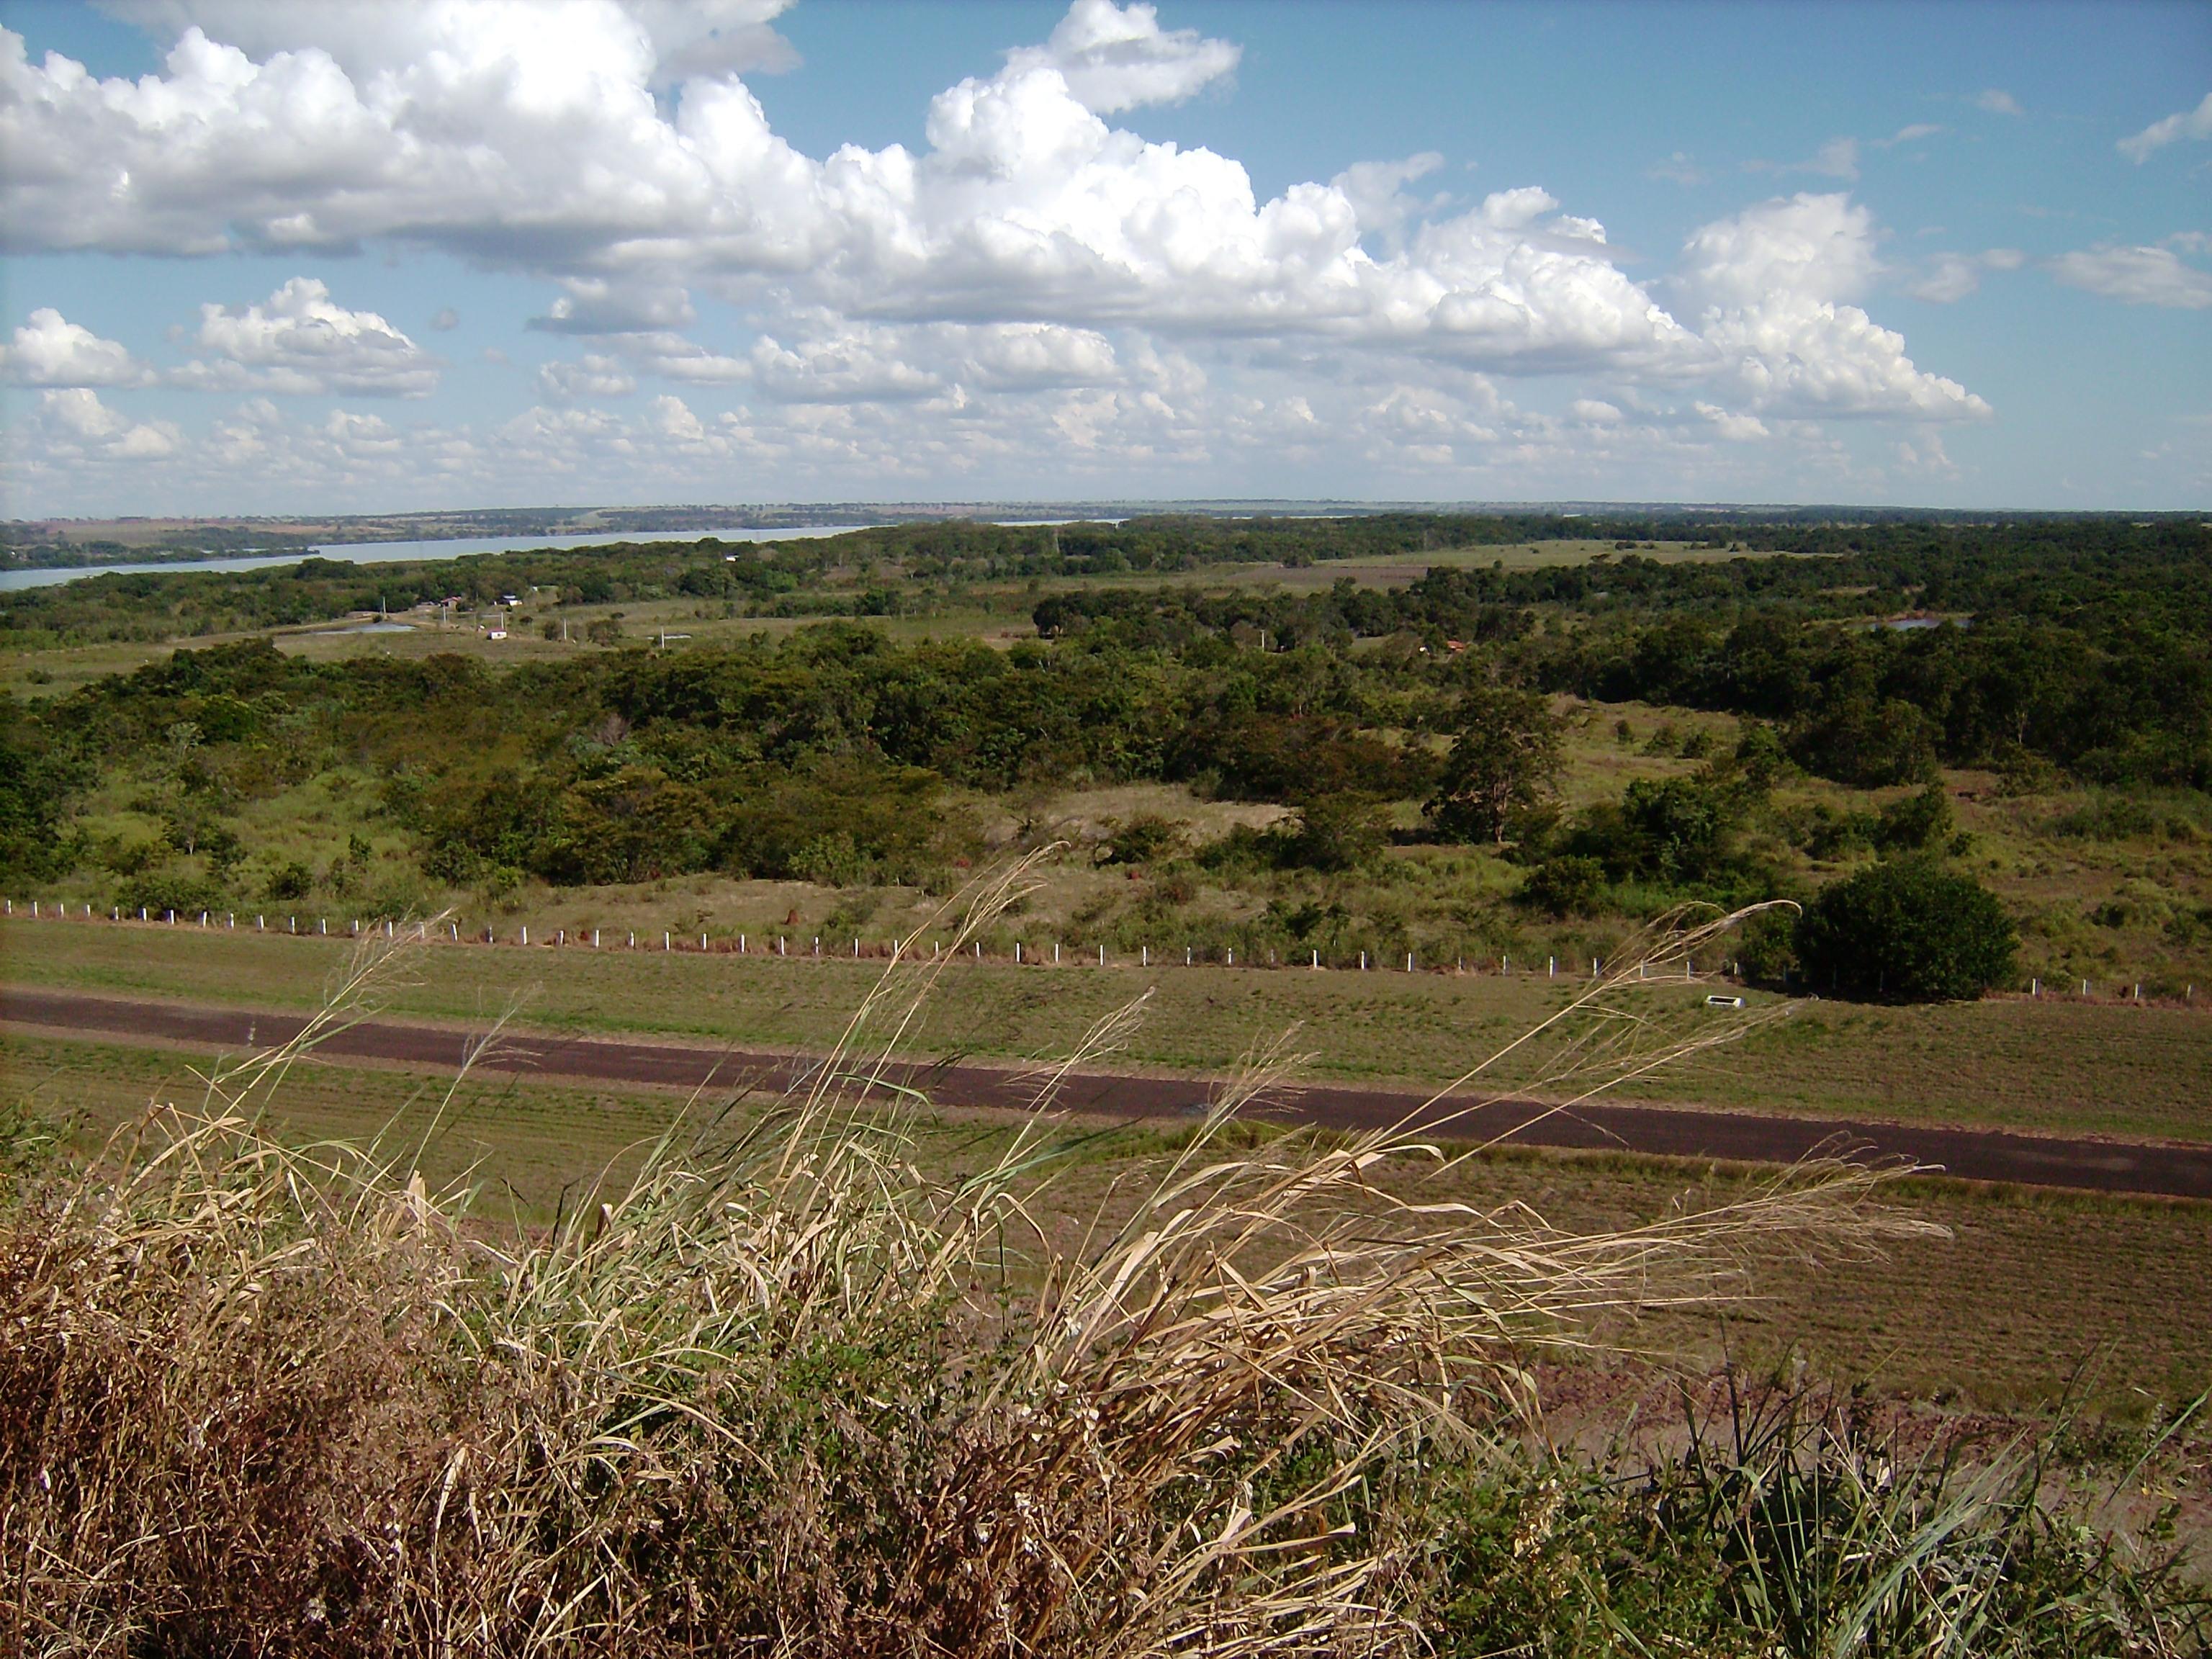 Selvíria Mato Grosso do Sul fonte: upload.wikimedia.org